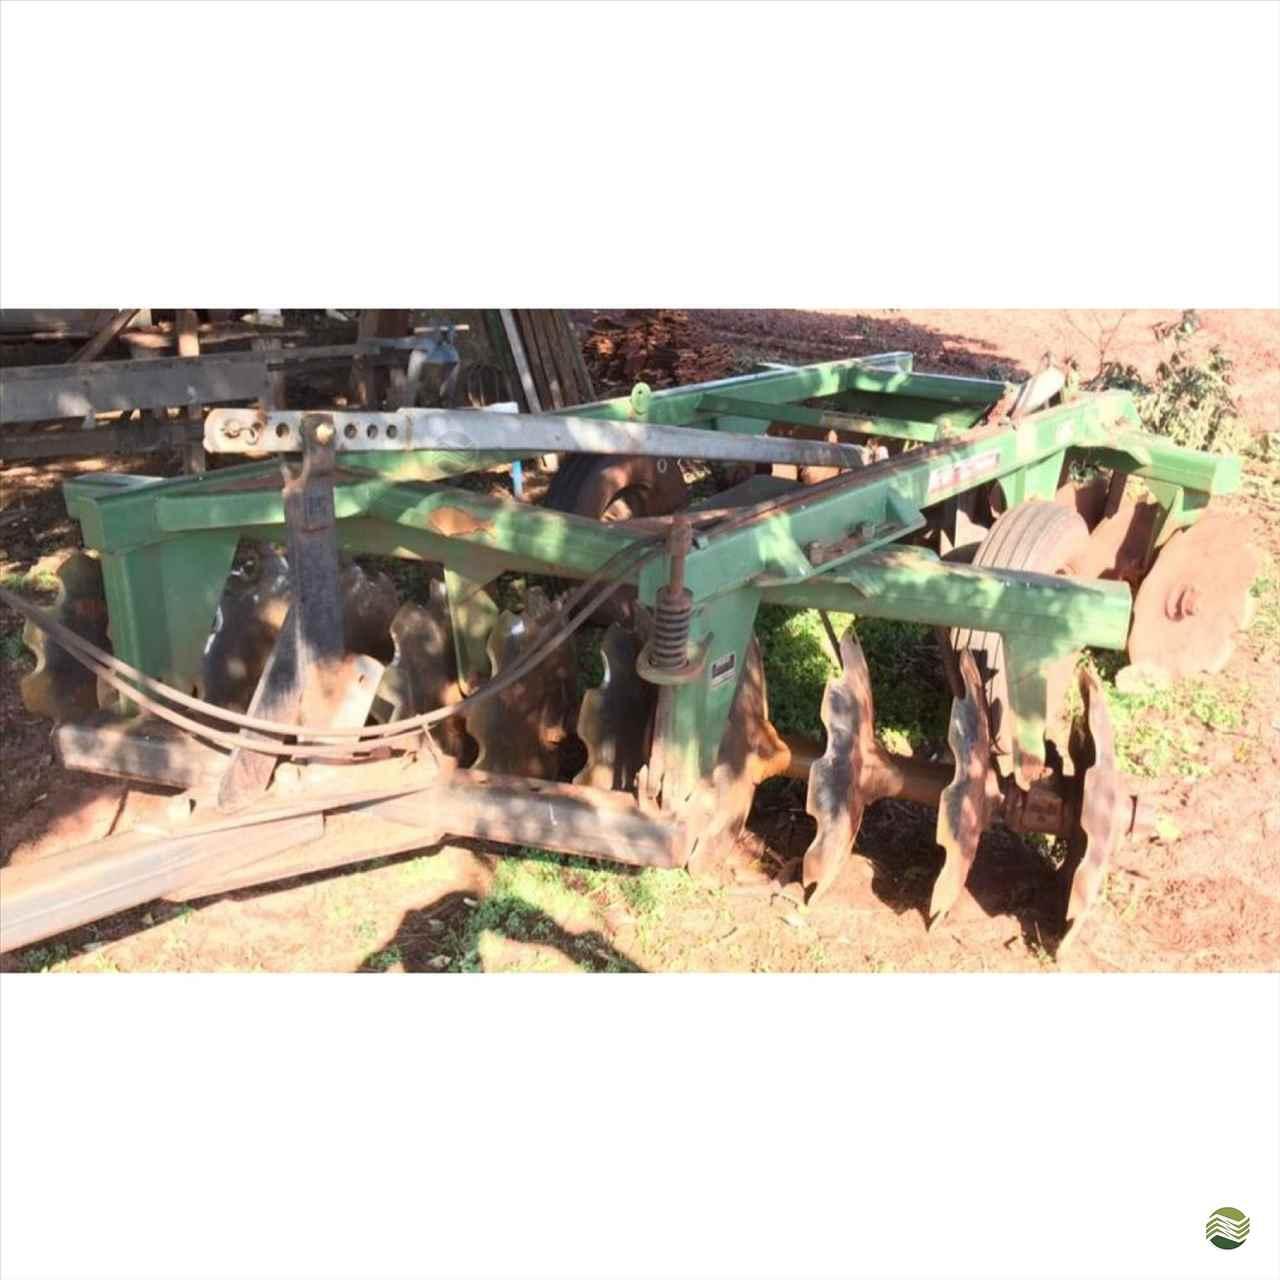 IMPLEMENTOS AGRICOLAS GRADE ARADORA ARADORA 22 DISCOS Rural Vendas TERRA ROXA PARANÁ PR